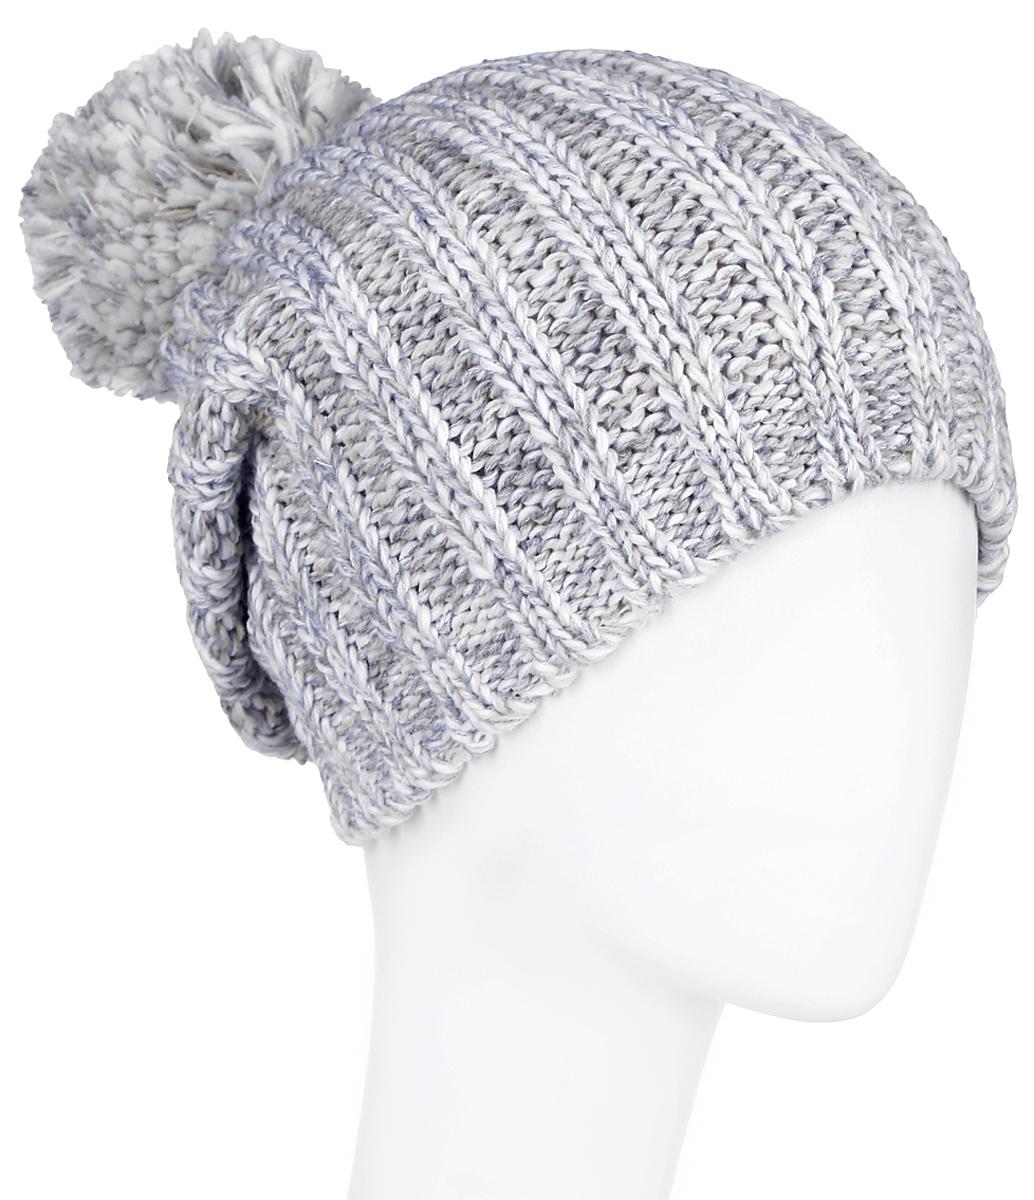 Шапка женская Finn Flare, цвет: молочный, серый. A16-32121_201. Размер 56A16-32121_201Стильная женская шапка Finn Flare дополнит ваш наряд и не позволит вам замерзнуть в холодное время года.Шапка выполнена из высококачественной, комбинированной пряжи, что позволяет ей великолепно сохранять тепло и обеспечивает высокую эластичность и удобство посадки. Изделие дополнено теплой флисовой подкладкой. Модель с удлиненной макушкой оформлена оригинальным узором и дополнена пушистым помпоном. Такая шапка станет модным и стильным дополнением вашего гардероба. Она согреет вас и позволит подчеркнуть свою индивидуальность!Уважаемые клиенты!Размер, доступный для заказа, является обхватом головы.